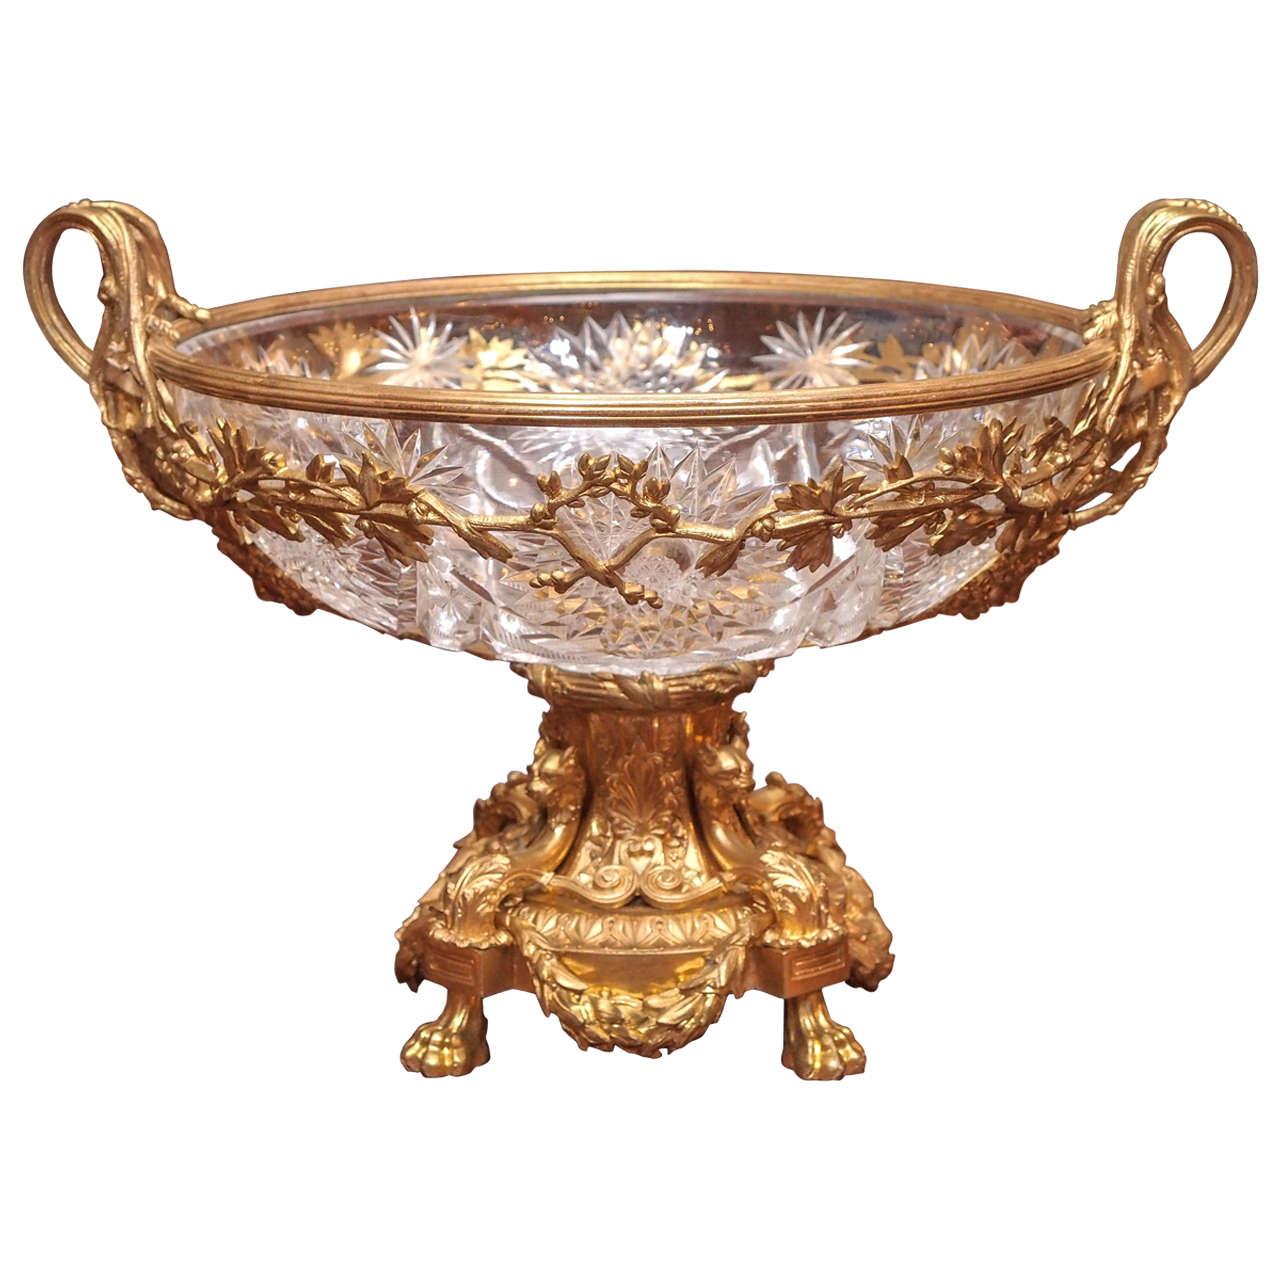 Antique Exquisite Baccarat Centerpiece Circa 1865 1875 At